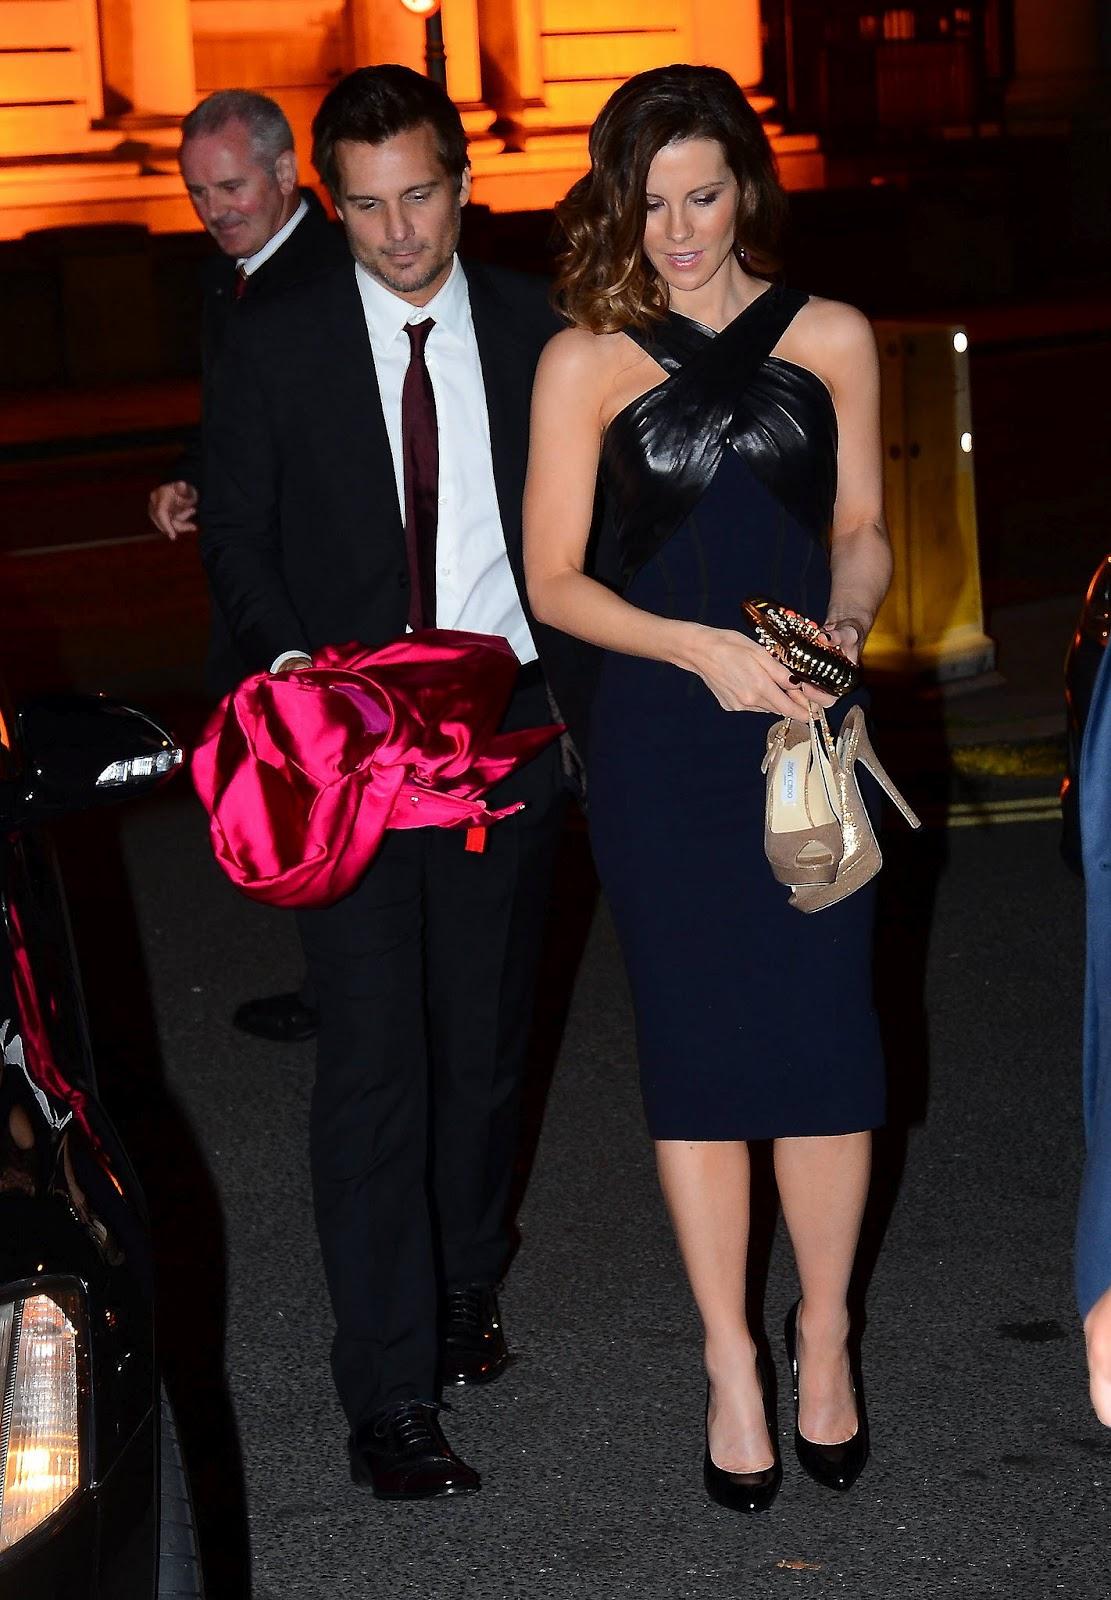 http://1.bp.blogspot.com/-13z3ArHMldY/UCzb-yfARZI/AAAAAAAAZWA/kdOvWwvp-W8/s1600/Kate+Beckinsale+-+Total+Recall+After+Party+in+Dublin+-+August+14,+2012+3.jpg